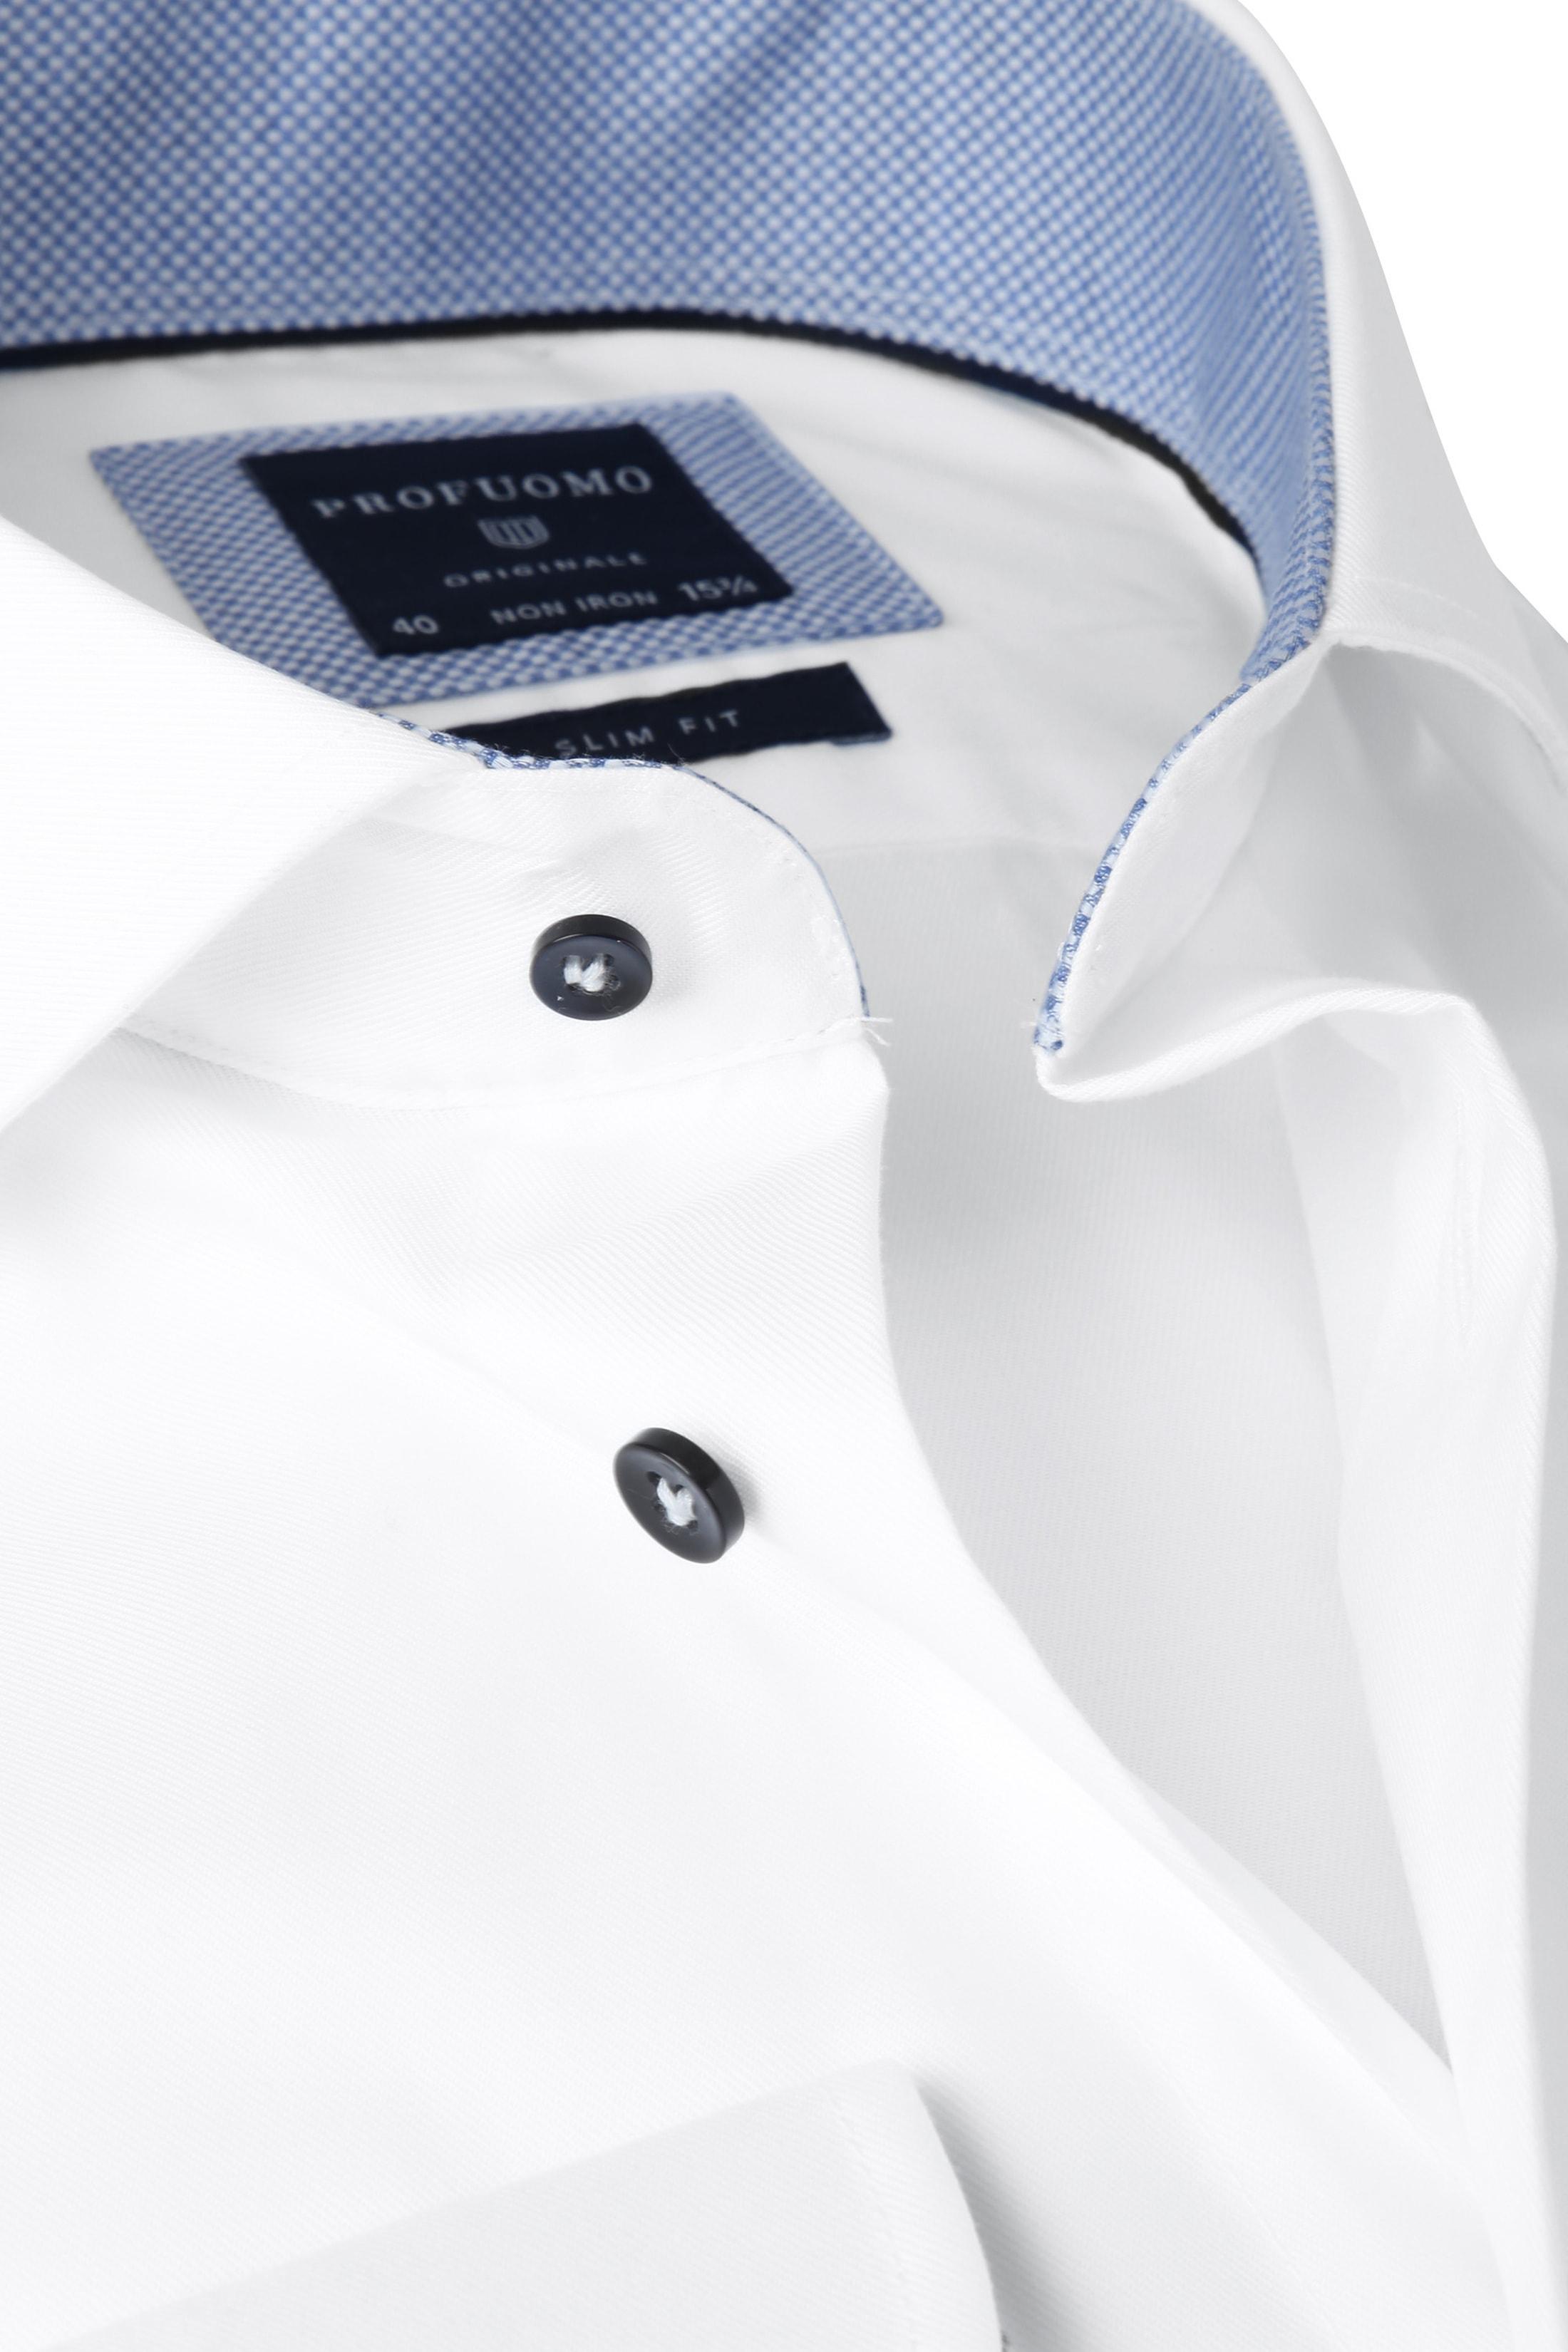 Profuomo Shirt SL7 White Fine Twill CAW photo 1